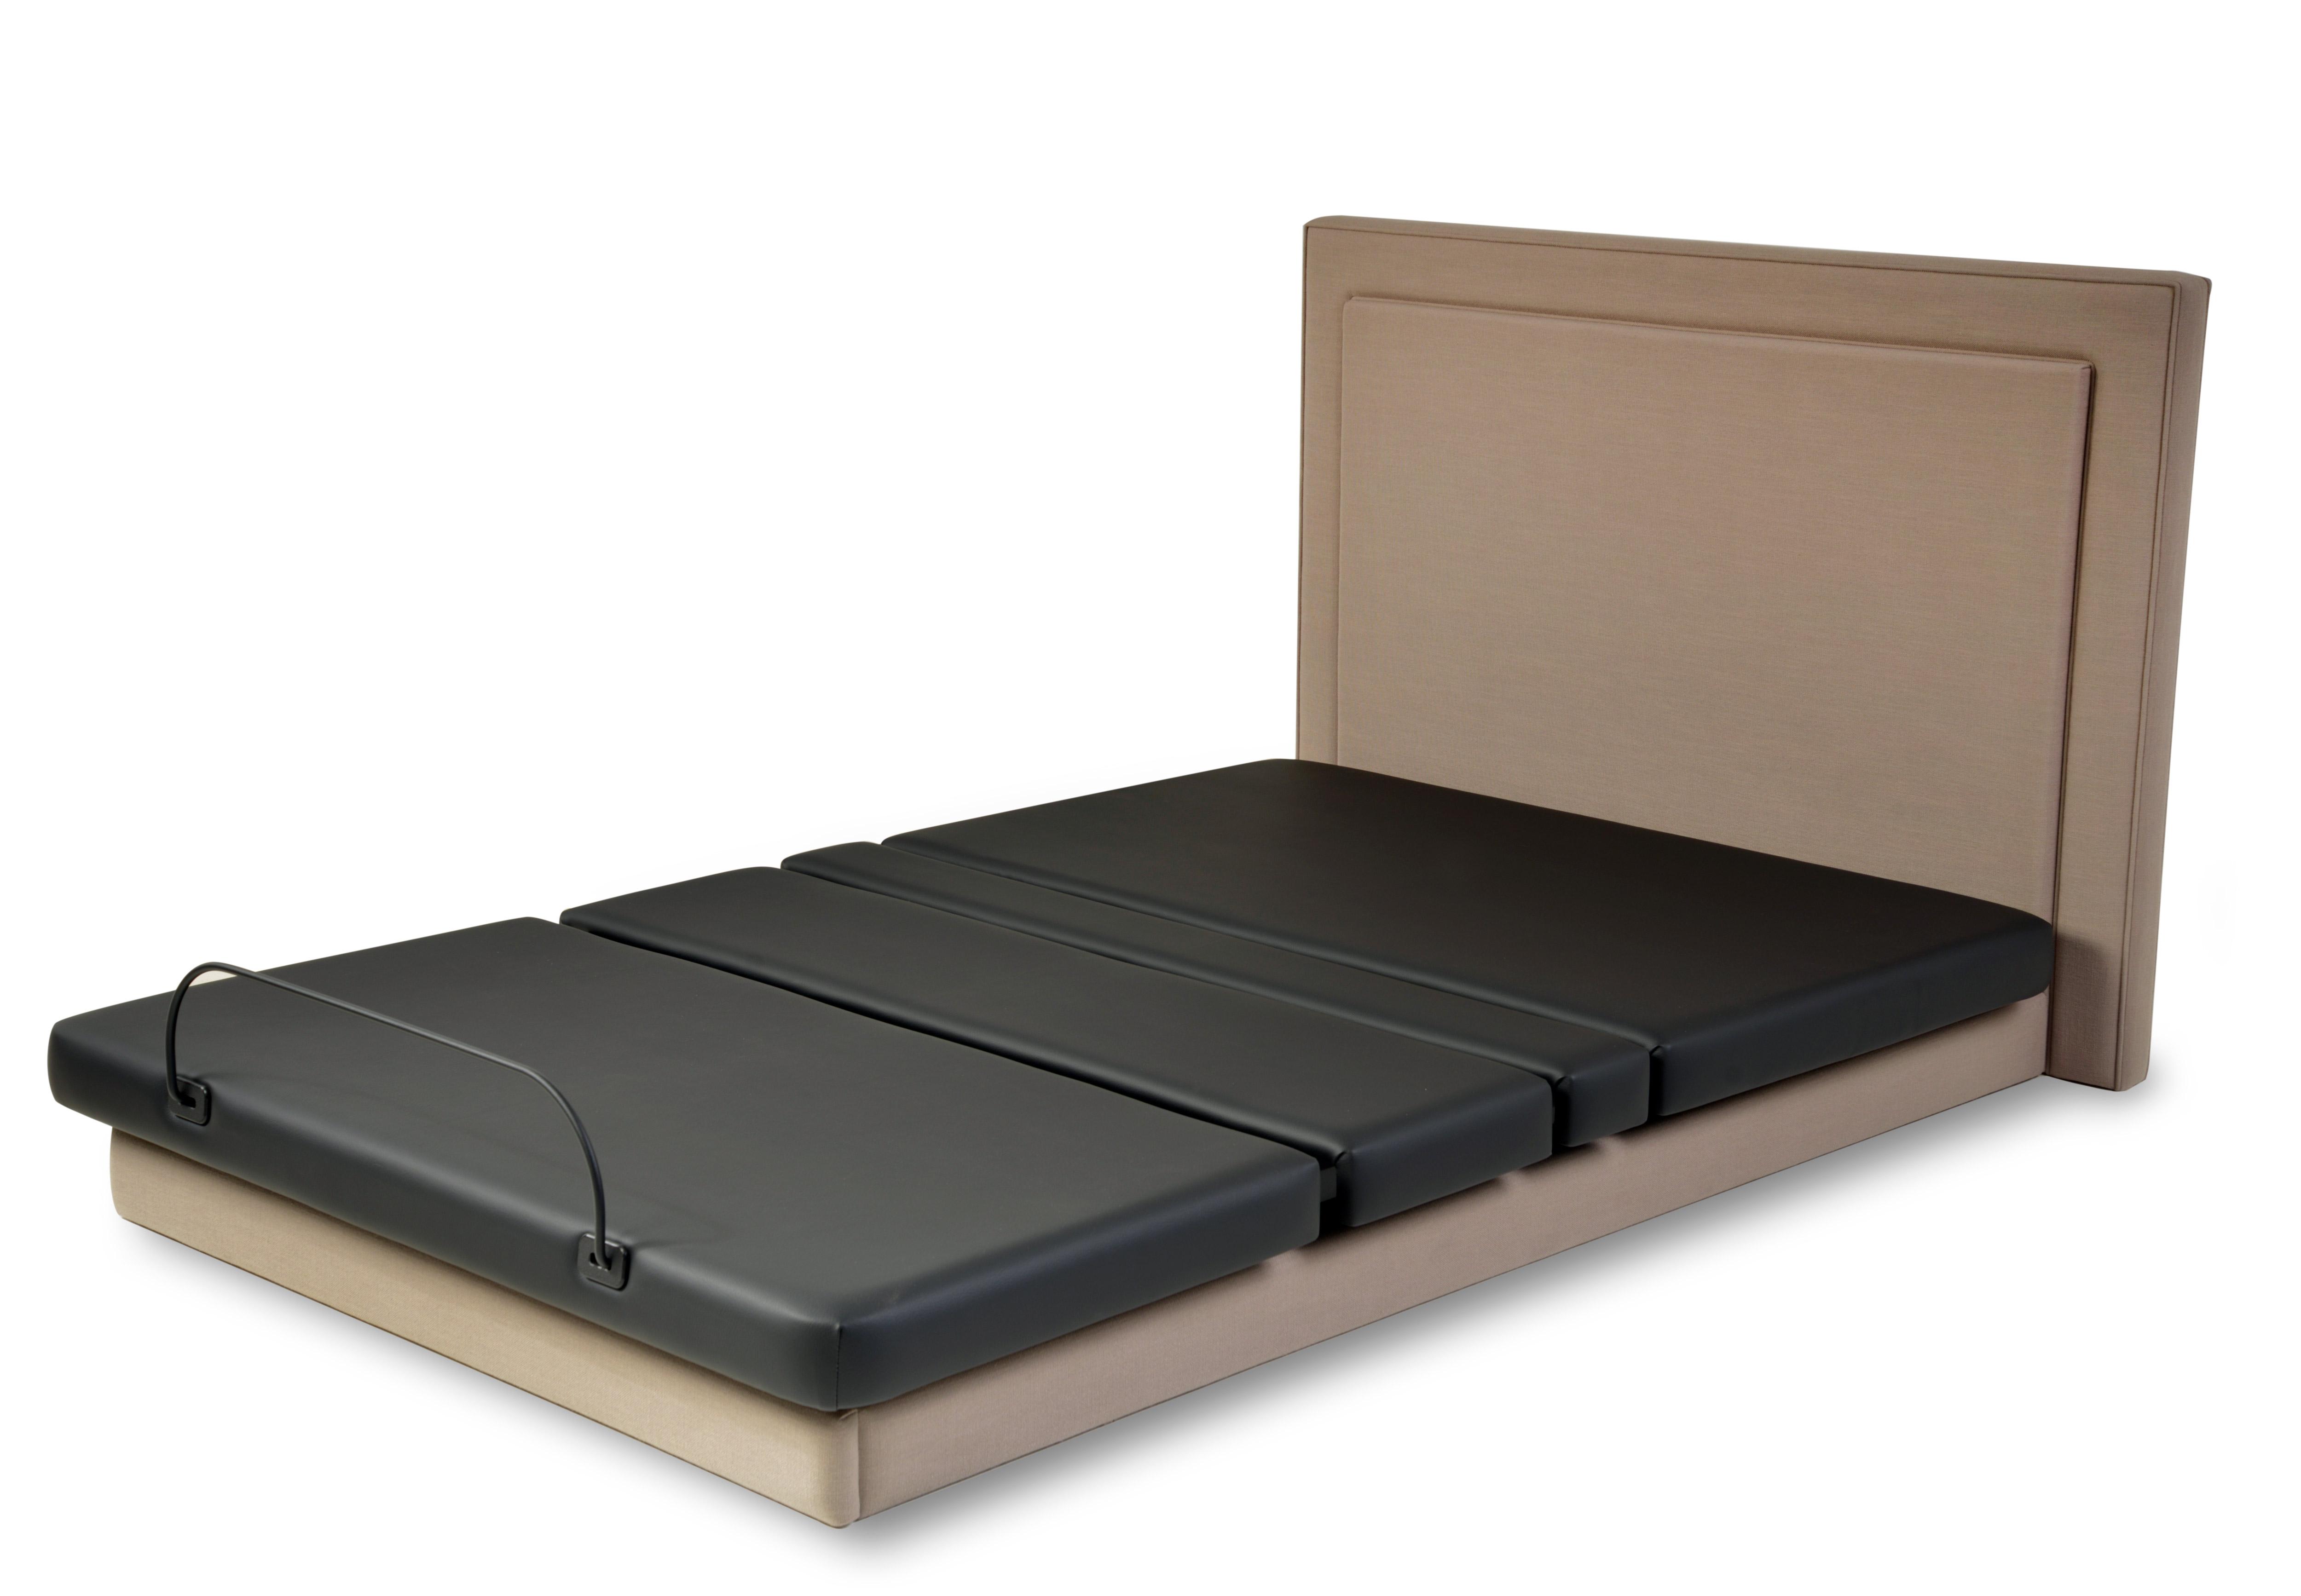 Assured Comfort Hi Low Adjustable Bed Platform Series Upholstered Panel - Down position